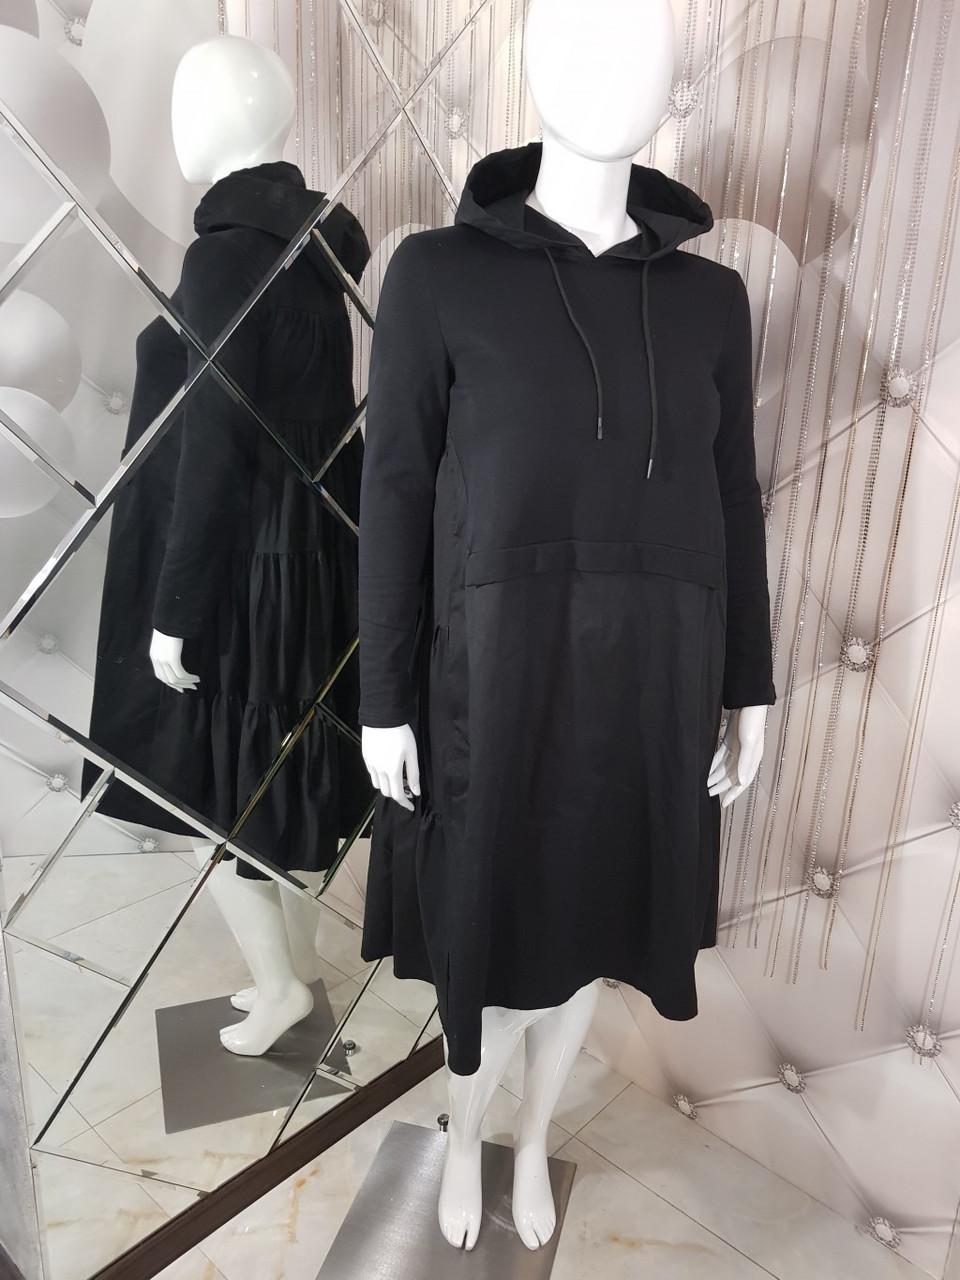 черное платье с капюшоном 1135 продажа цена в харькове платья женские от магазин одежды и не только Choose And Buy 910039616